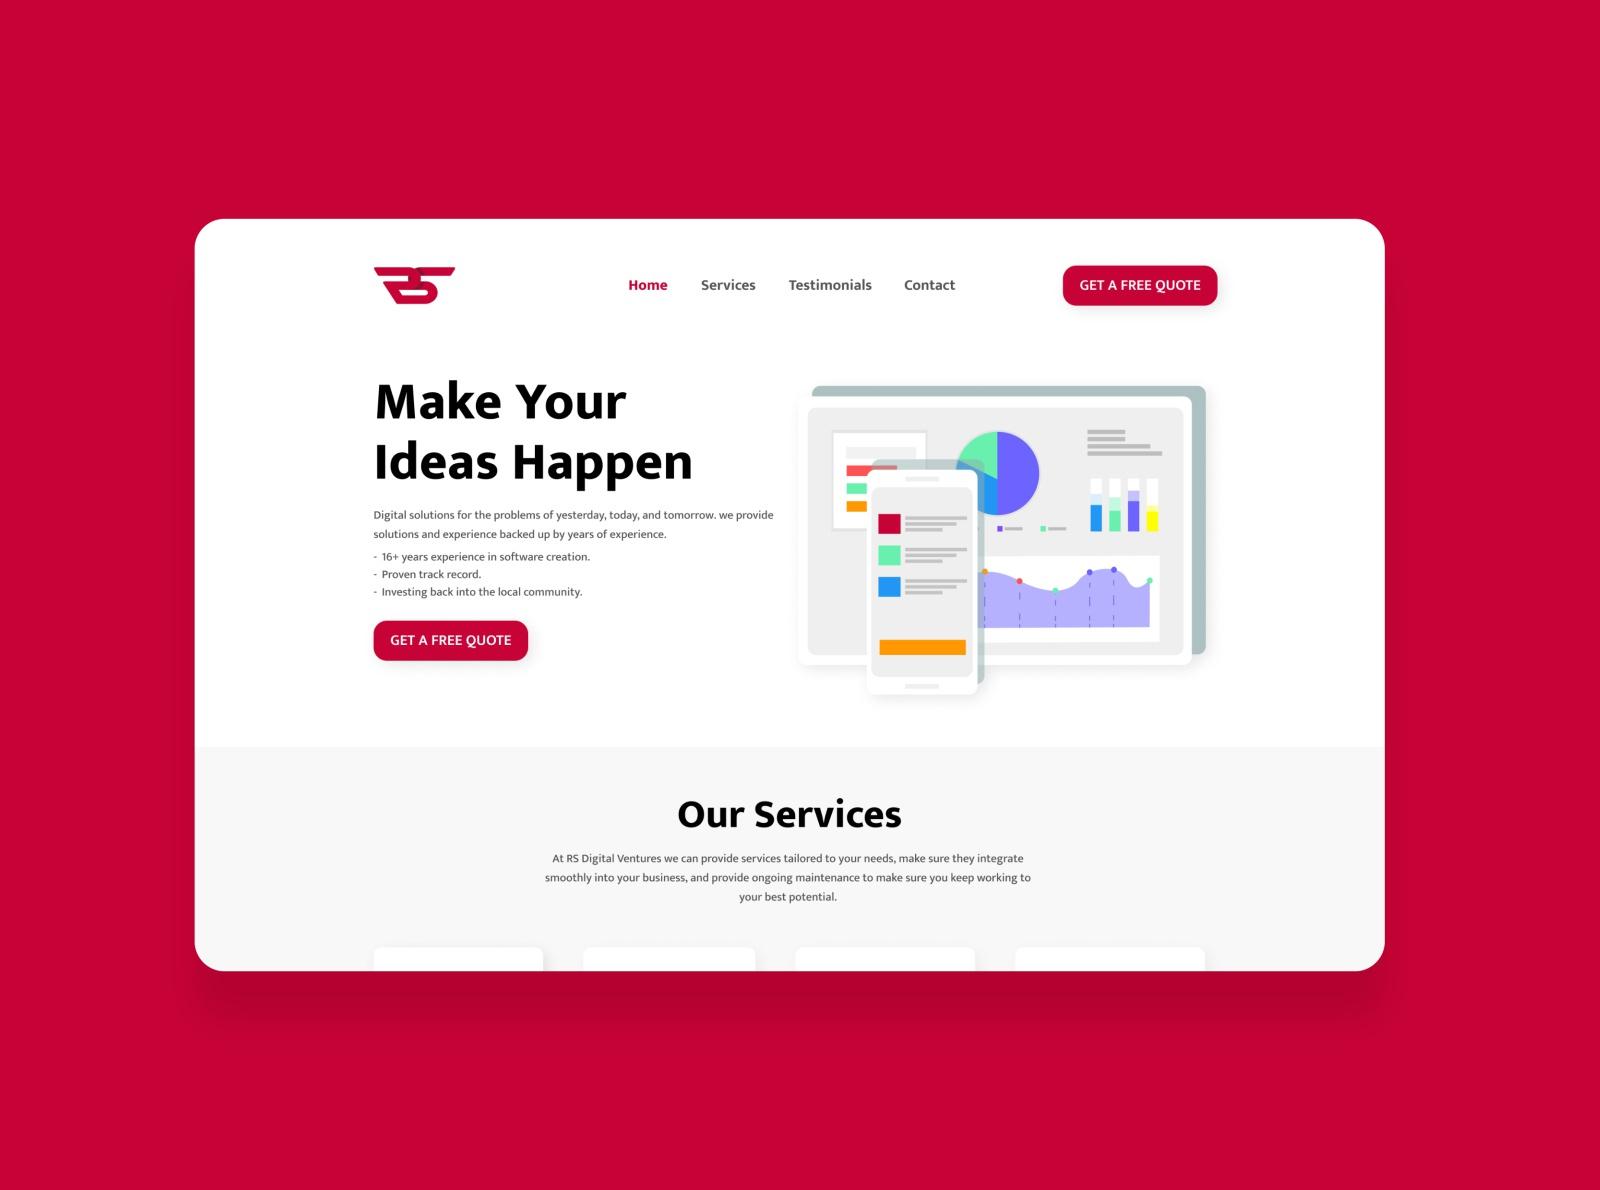 Software Agency Web Design By Souris On Dribbble tout La Souris Du Web